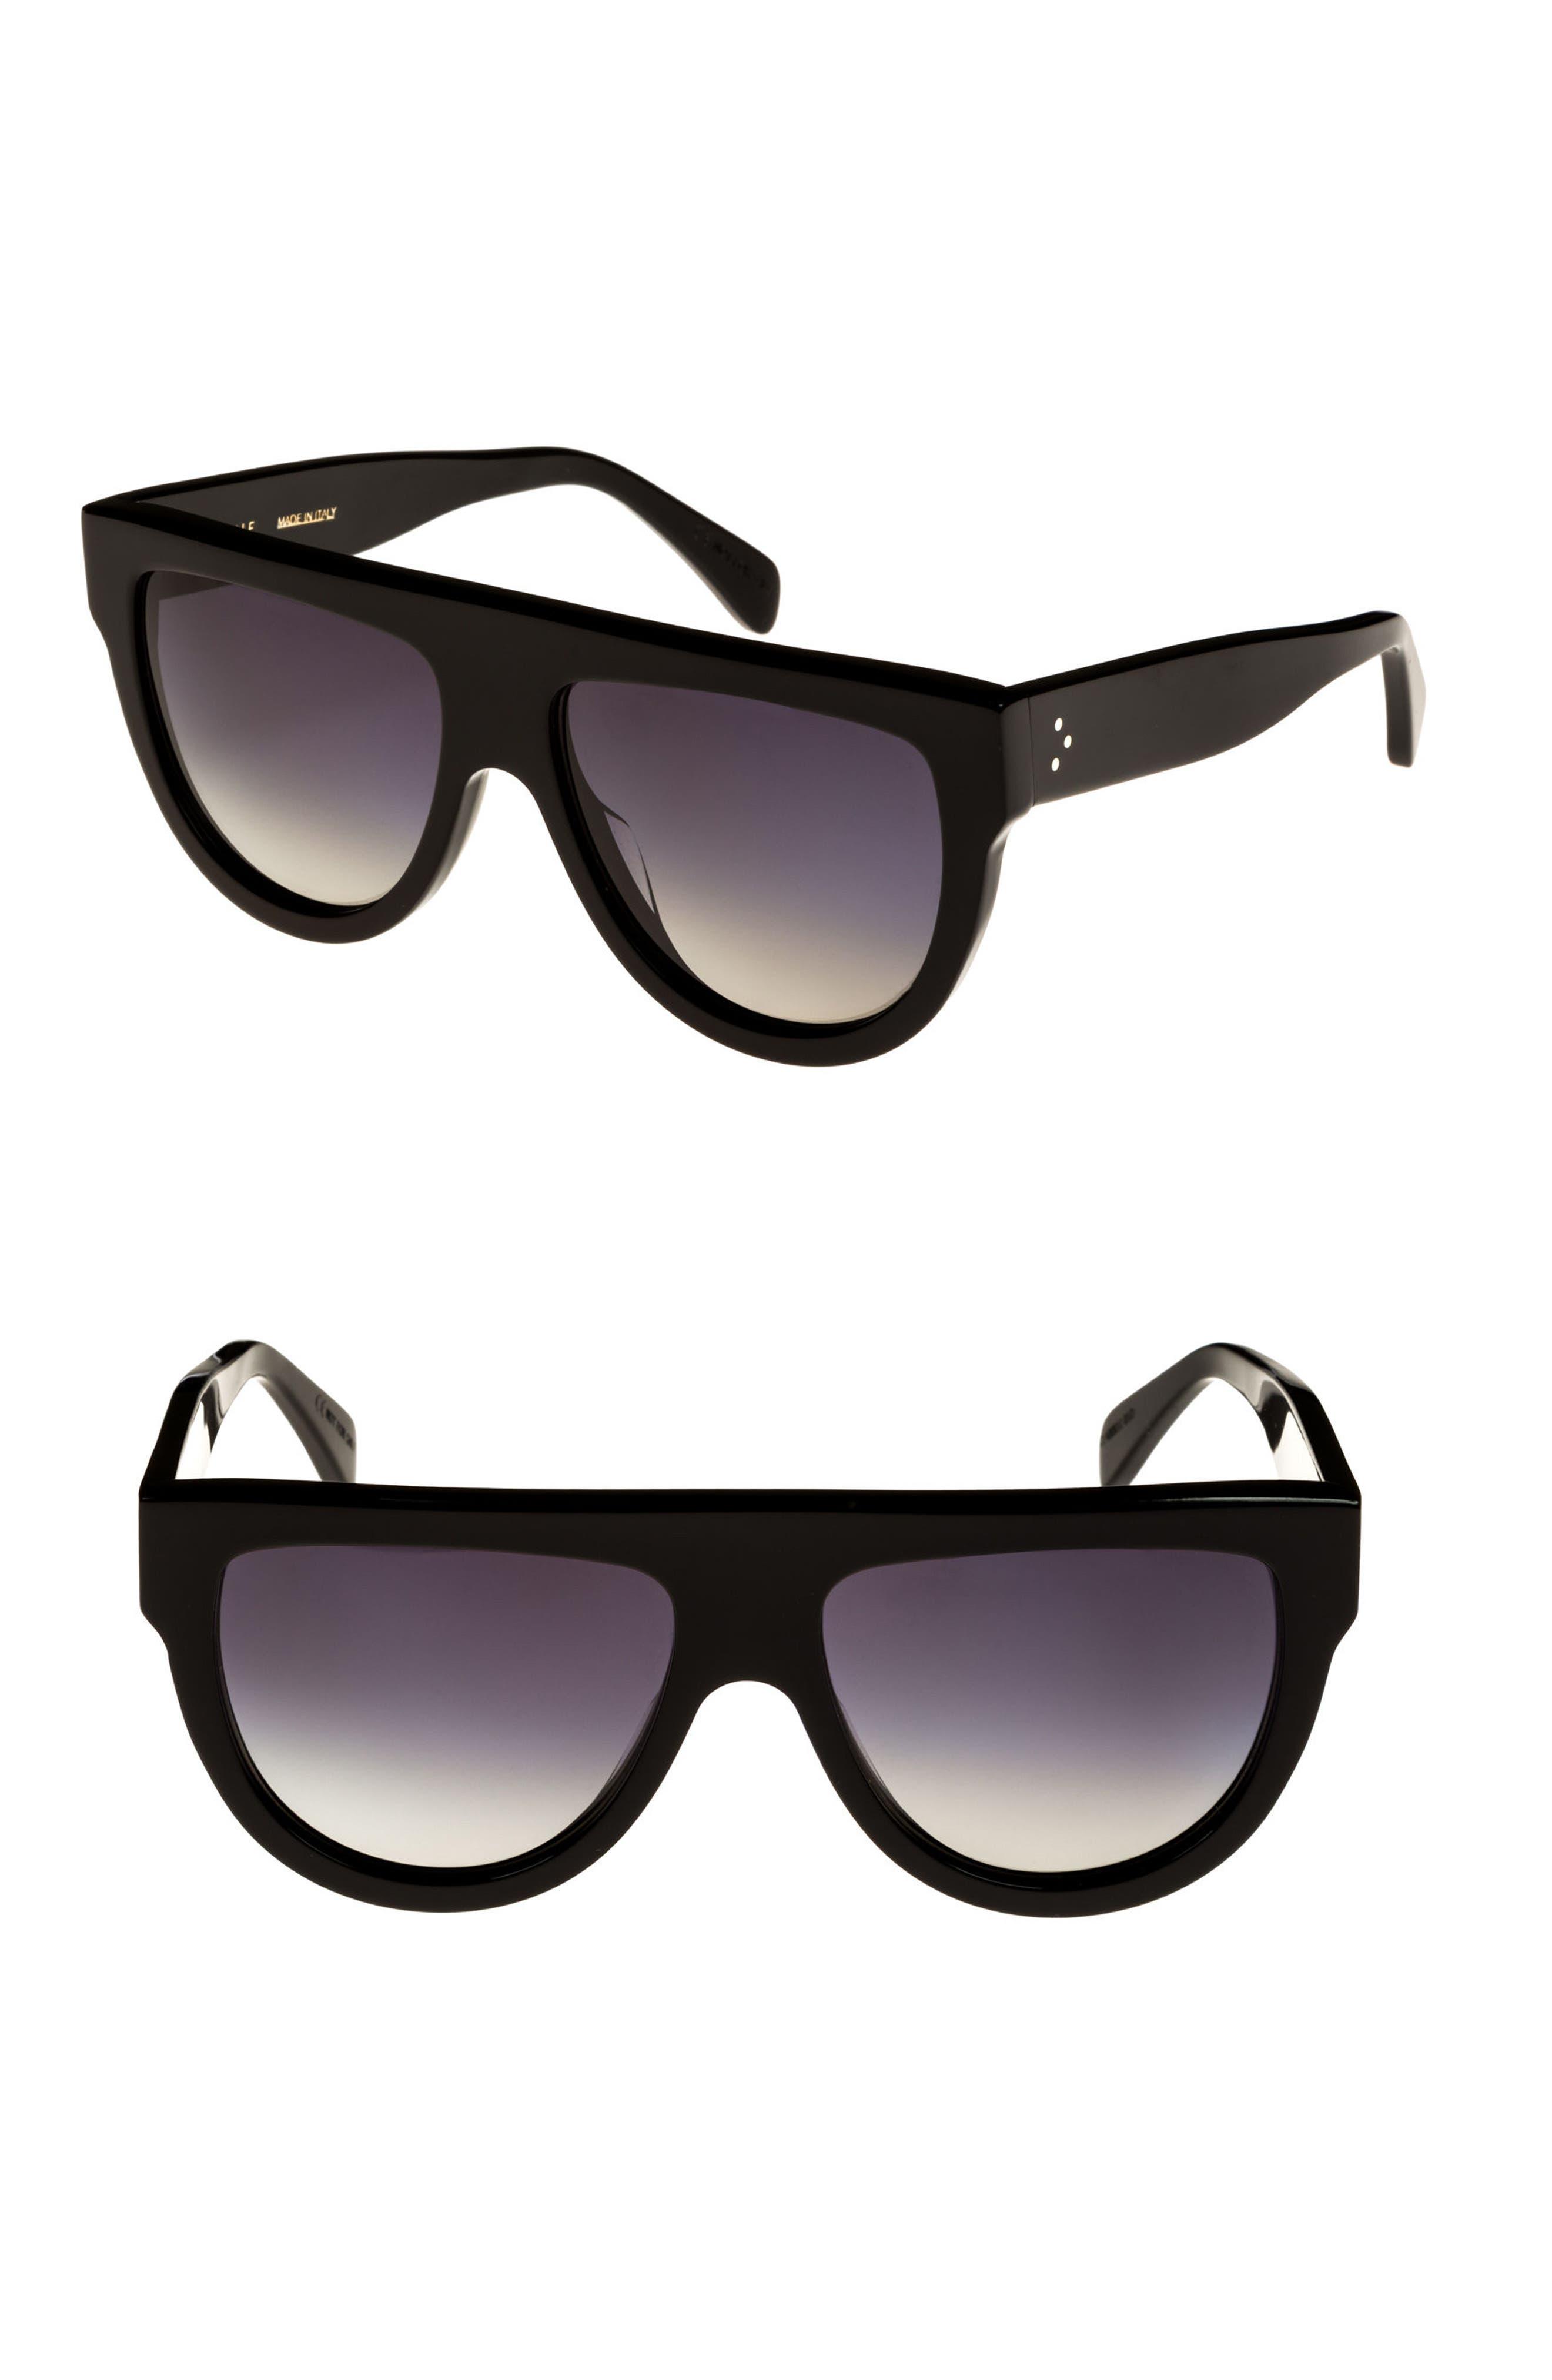 Céline Special Fit 60mm Polarized Gradient Flat Top Sunglasses